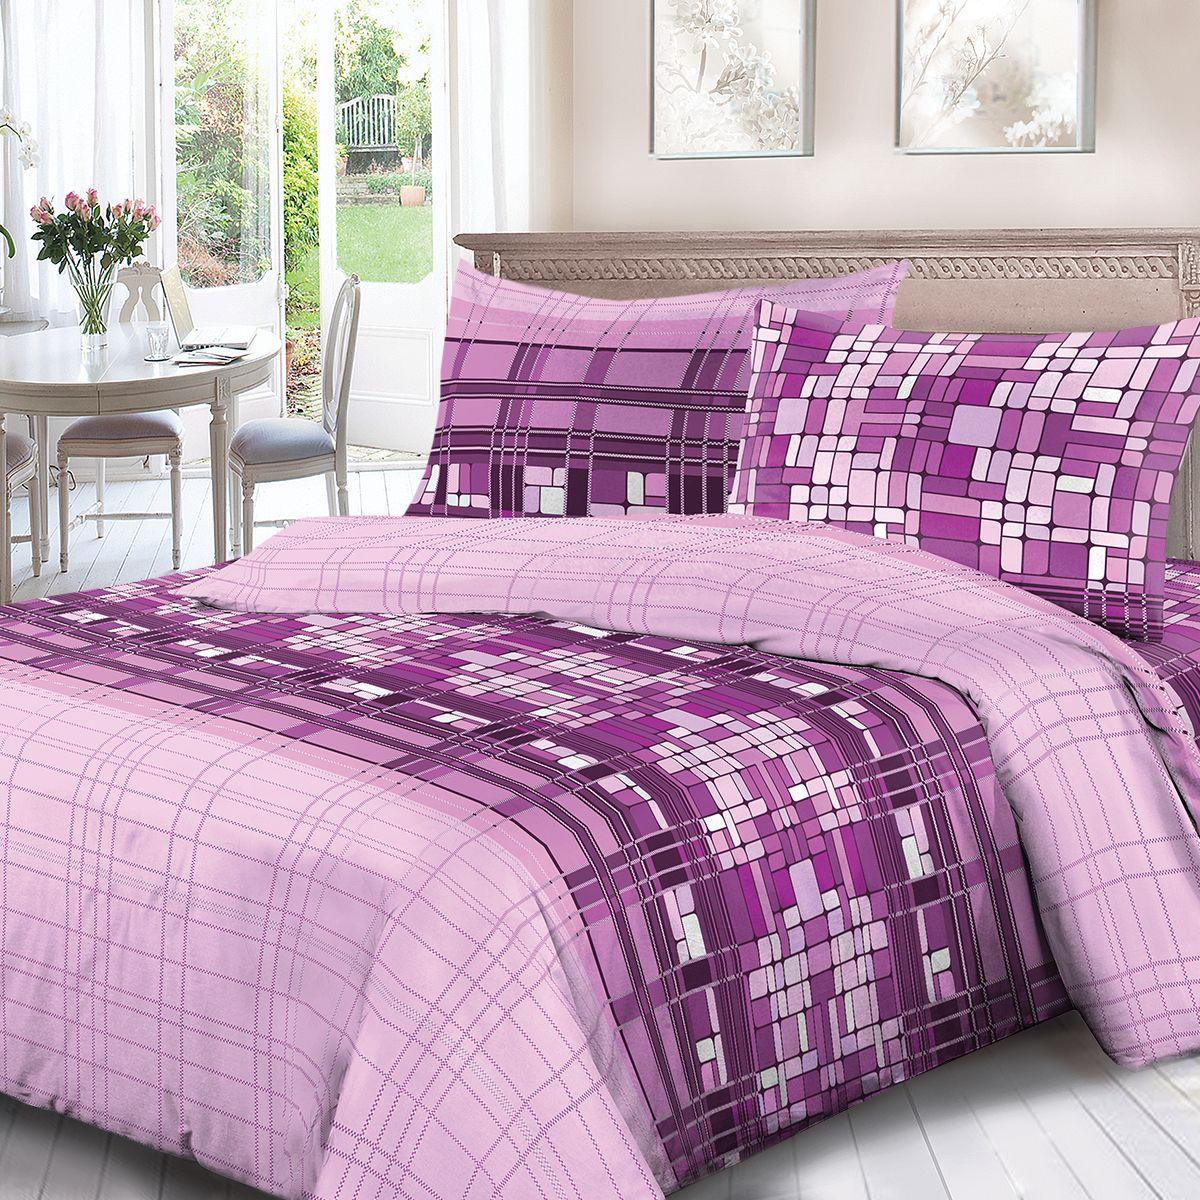 Комплект белья Для Снов Монпансье, 2-х спальное, наволочки 70x70, цвет: сиреневый. 4072-186459